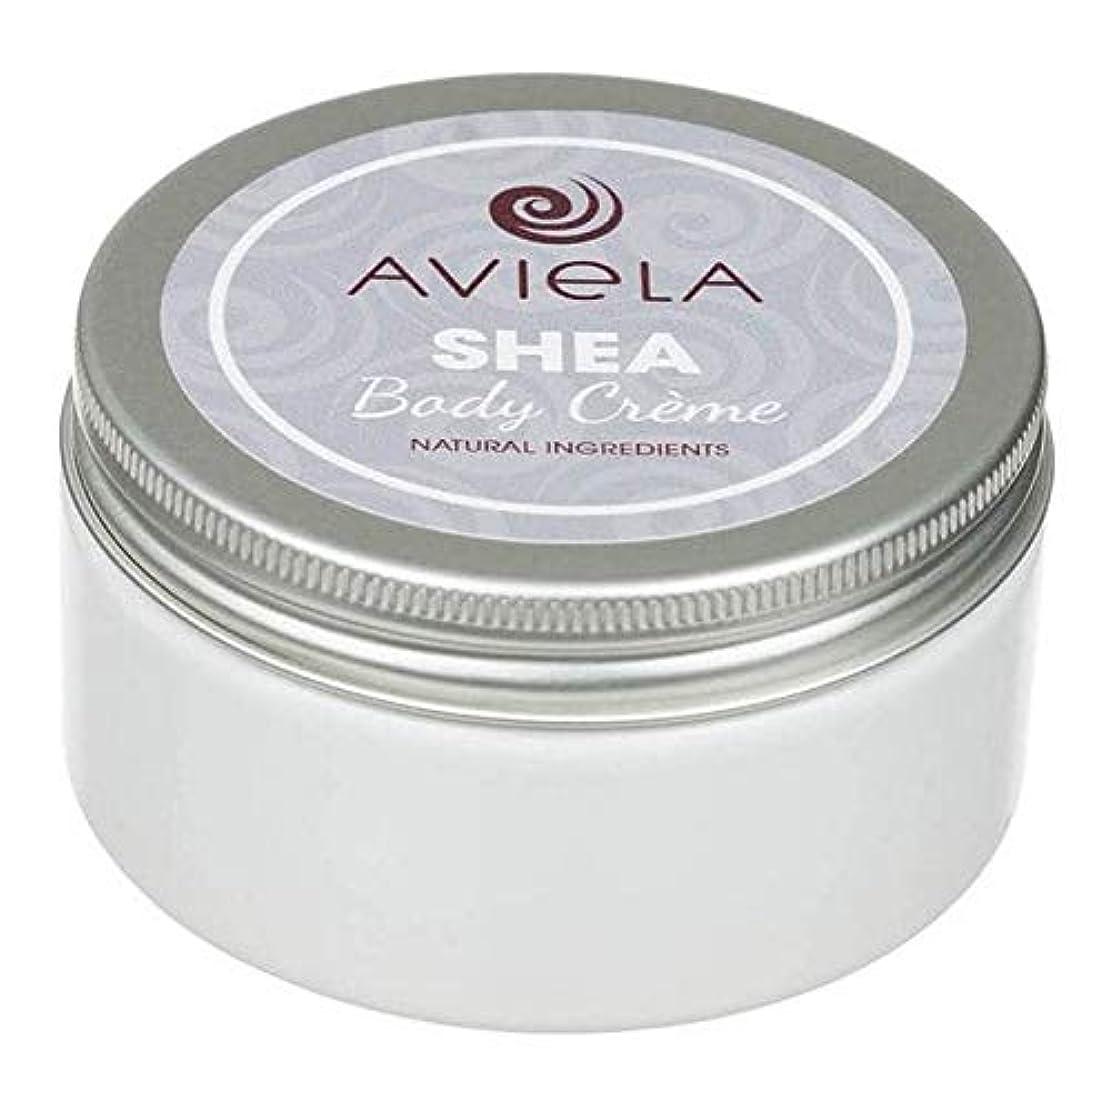 ドル部分コメント[Aviela] Avielaシアボディクリーム200グラム - Aviela Shea Body Creme 200g [並行輸入品]